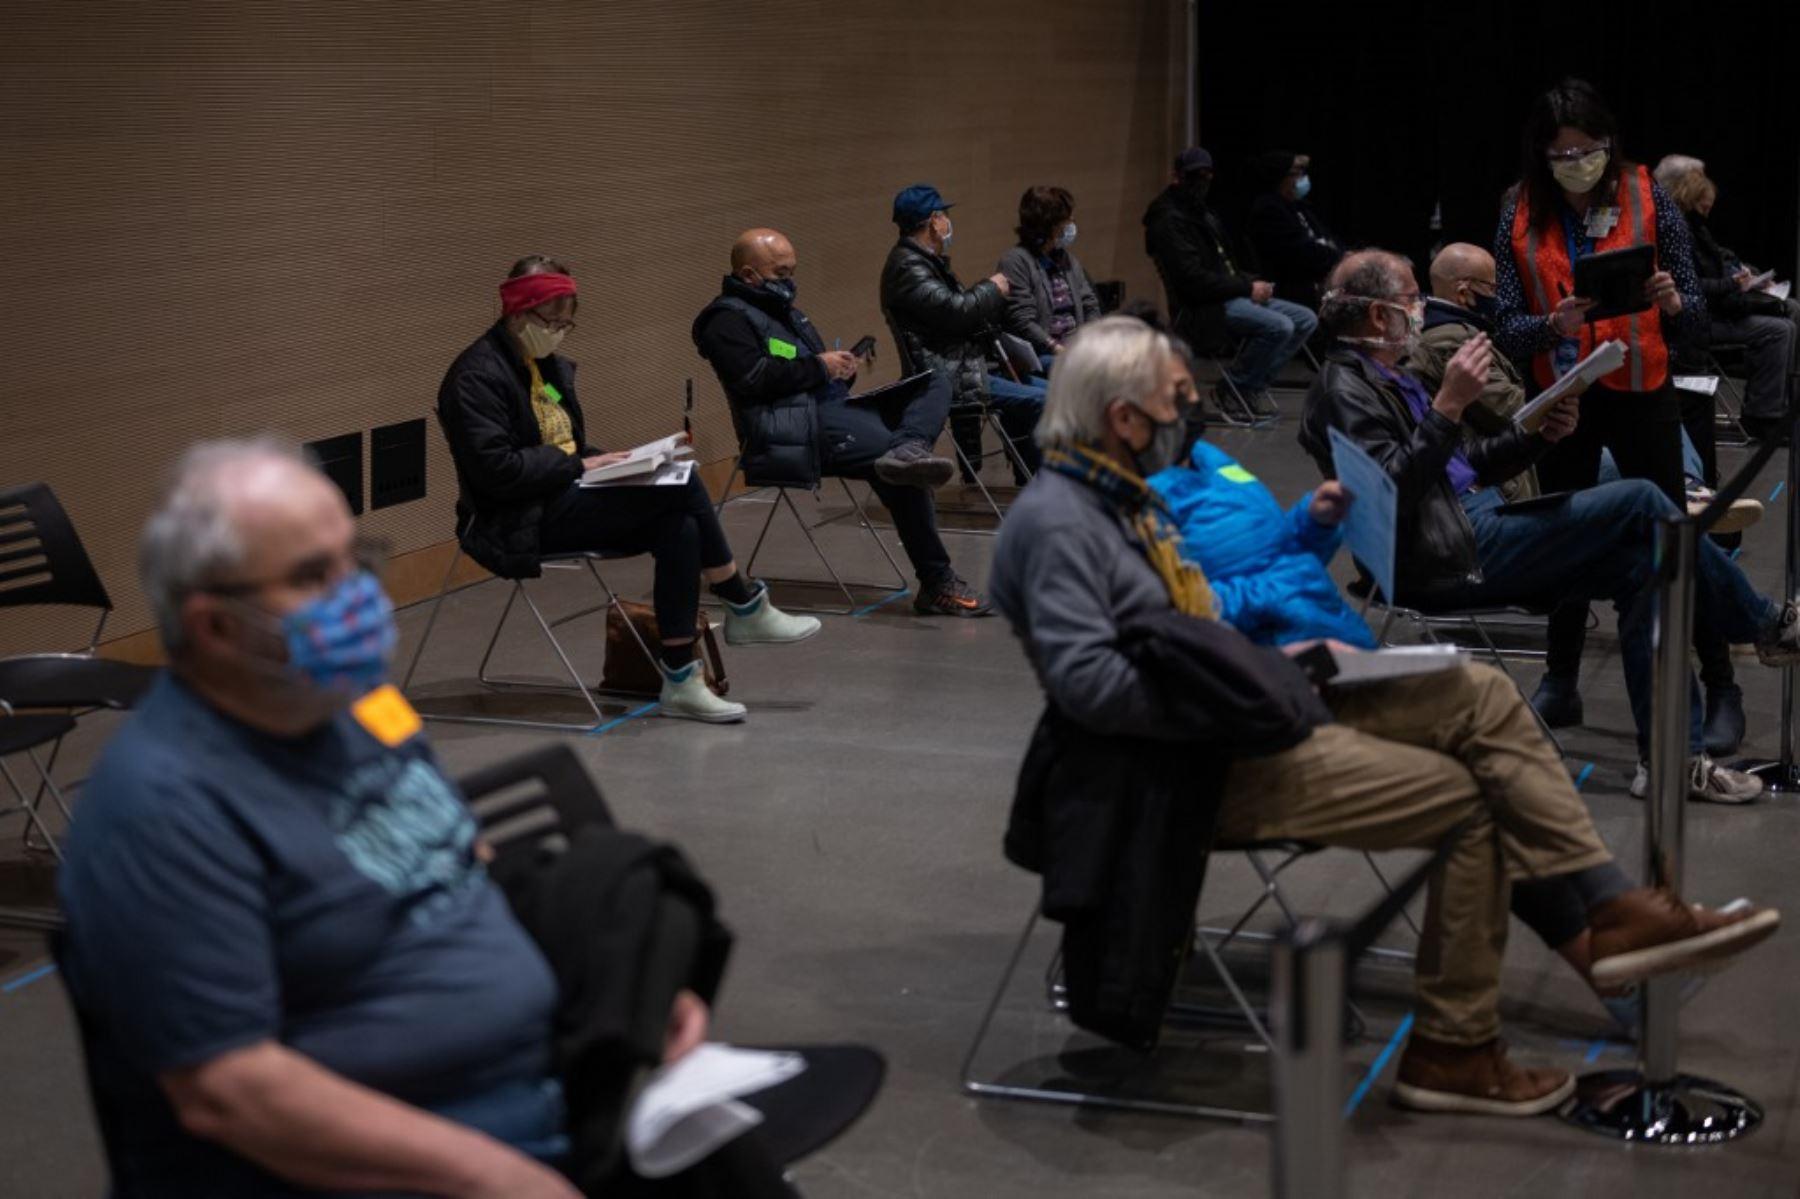 Los pacientes esperan y son observados por reacciones adversas luego de su primera dosis de la vacuna Covid-19 en el Amazon Meeting Center en el centro de Seattle, Washington. Foto: AFP